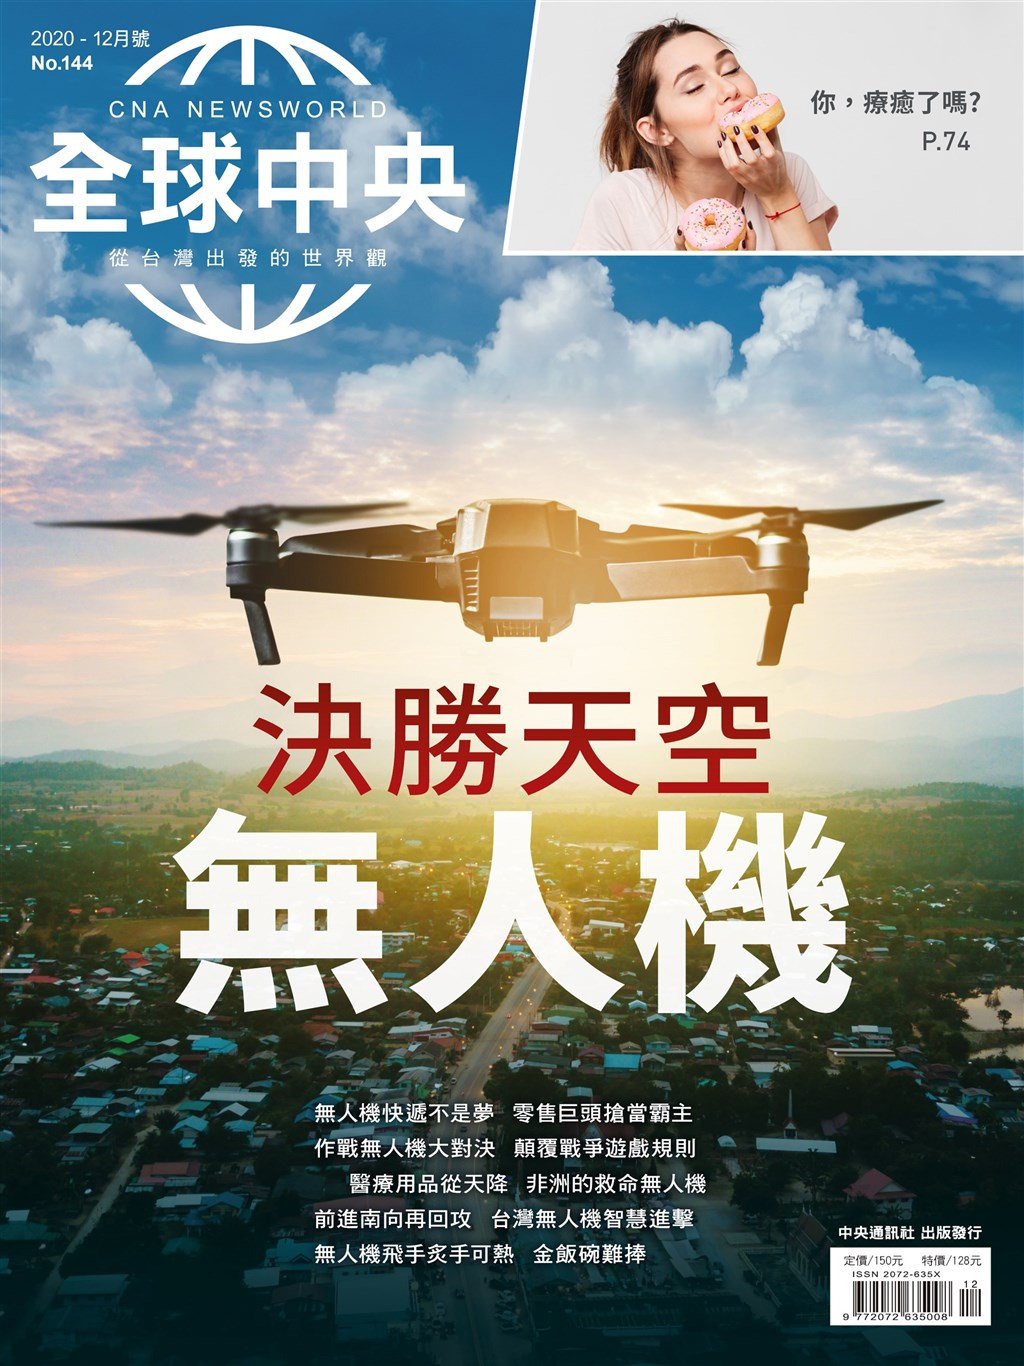 摩托車是台灣這波美食外送潮的引擎,15分鐘送達消費者手上不成問題;但在幅廣大的美國,電商搶30分鐘快遞的祕密武器將會是無人機。《全球中央》12月號封面故事一探正在各國掀起的無人機競賽,如何決勝天空。中央社 109年12月1日